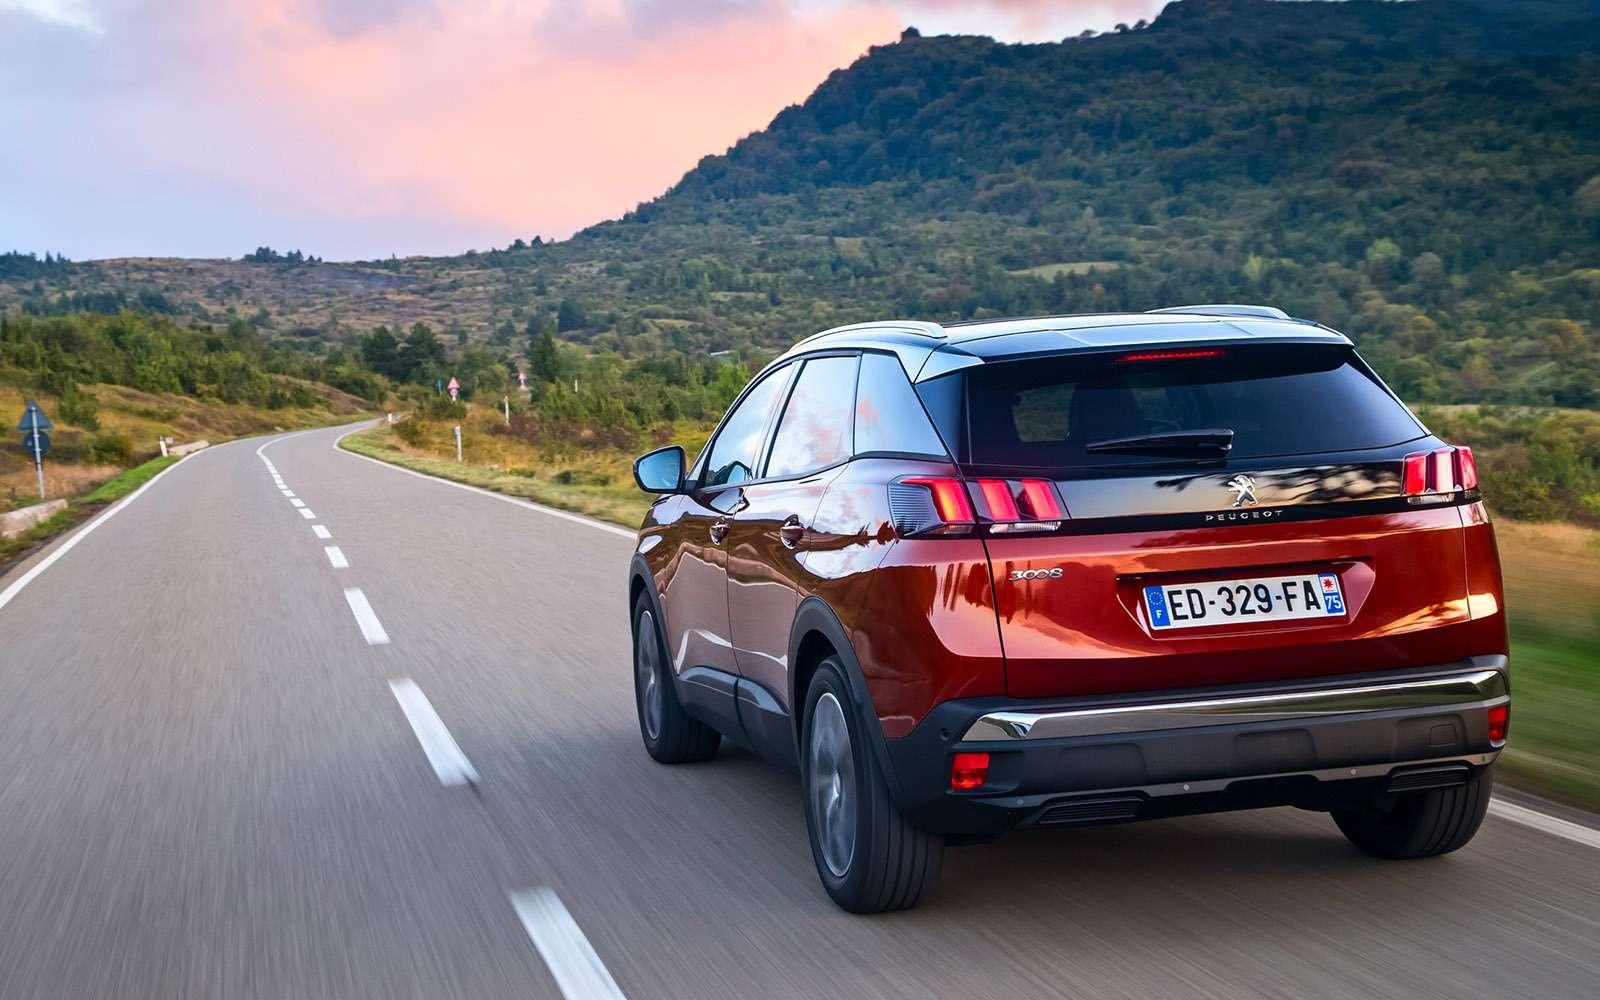 Peugeot 3008 нового поколения: теперь точно кроссовер!— фото 671986